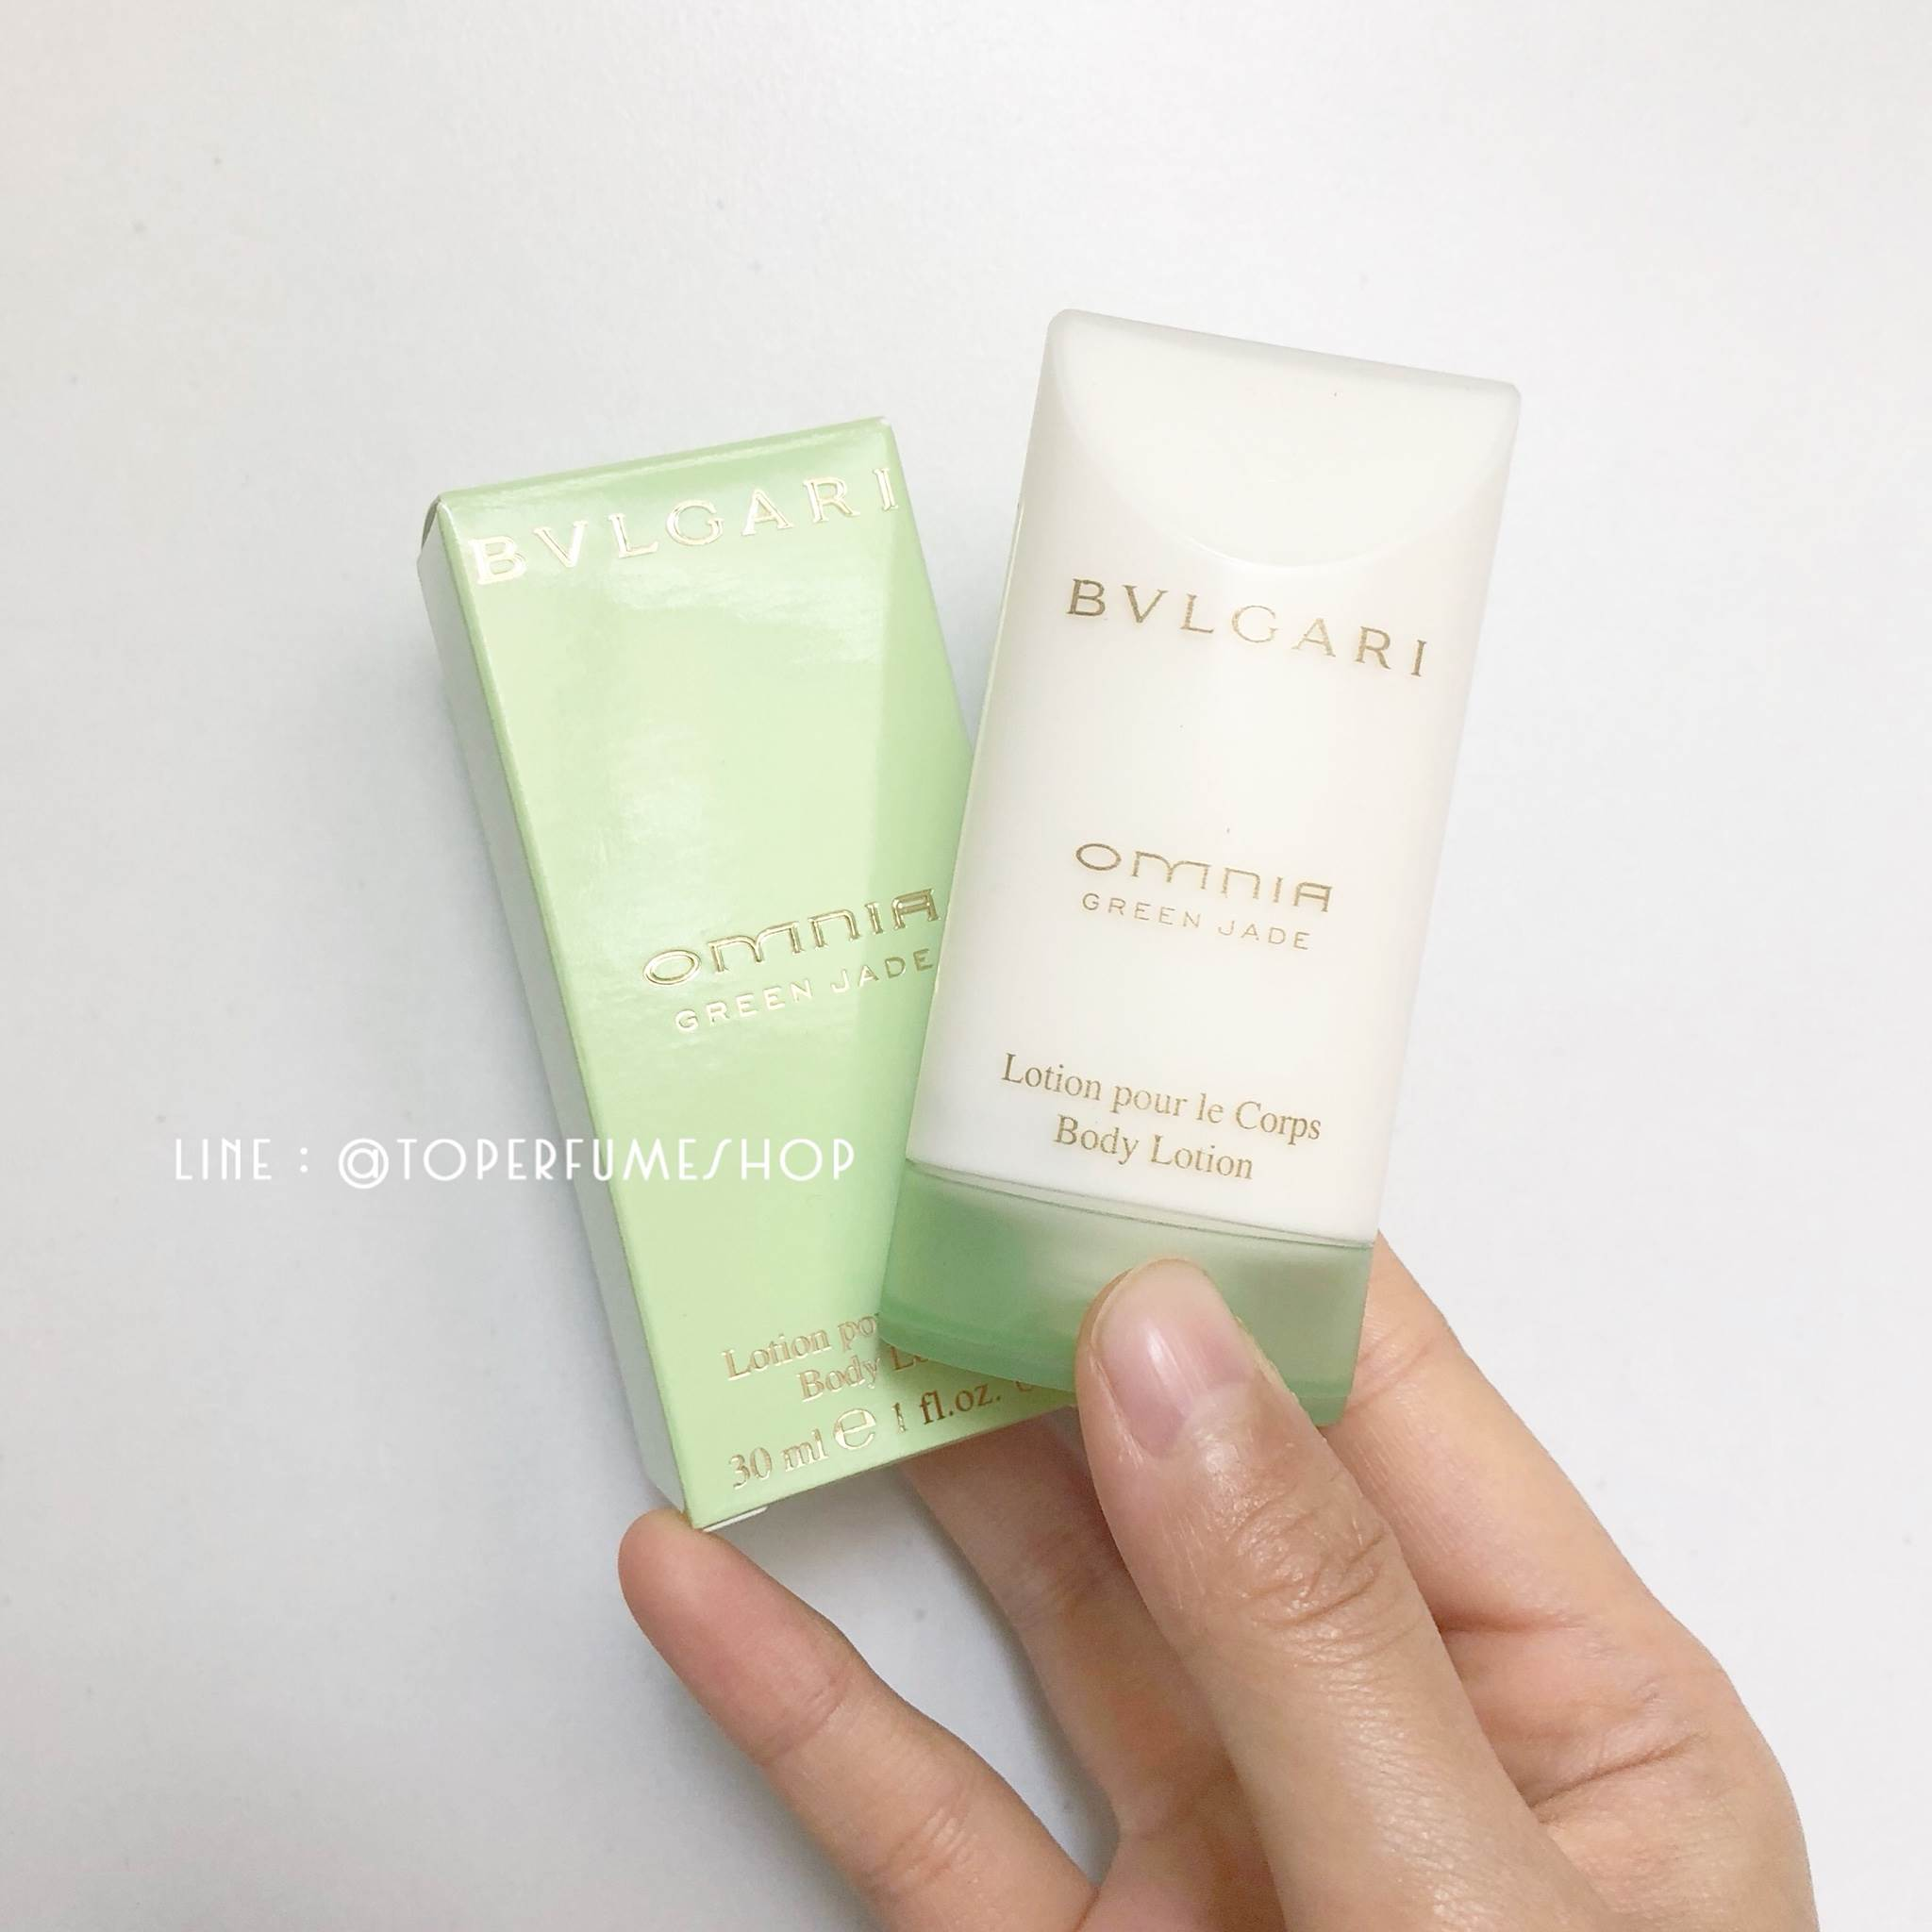 โลชั่นน้ำหอม Bvlgari omnia green jade parfum ขนาด 30ml.